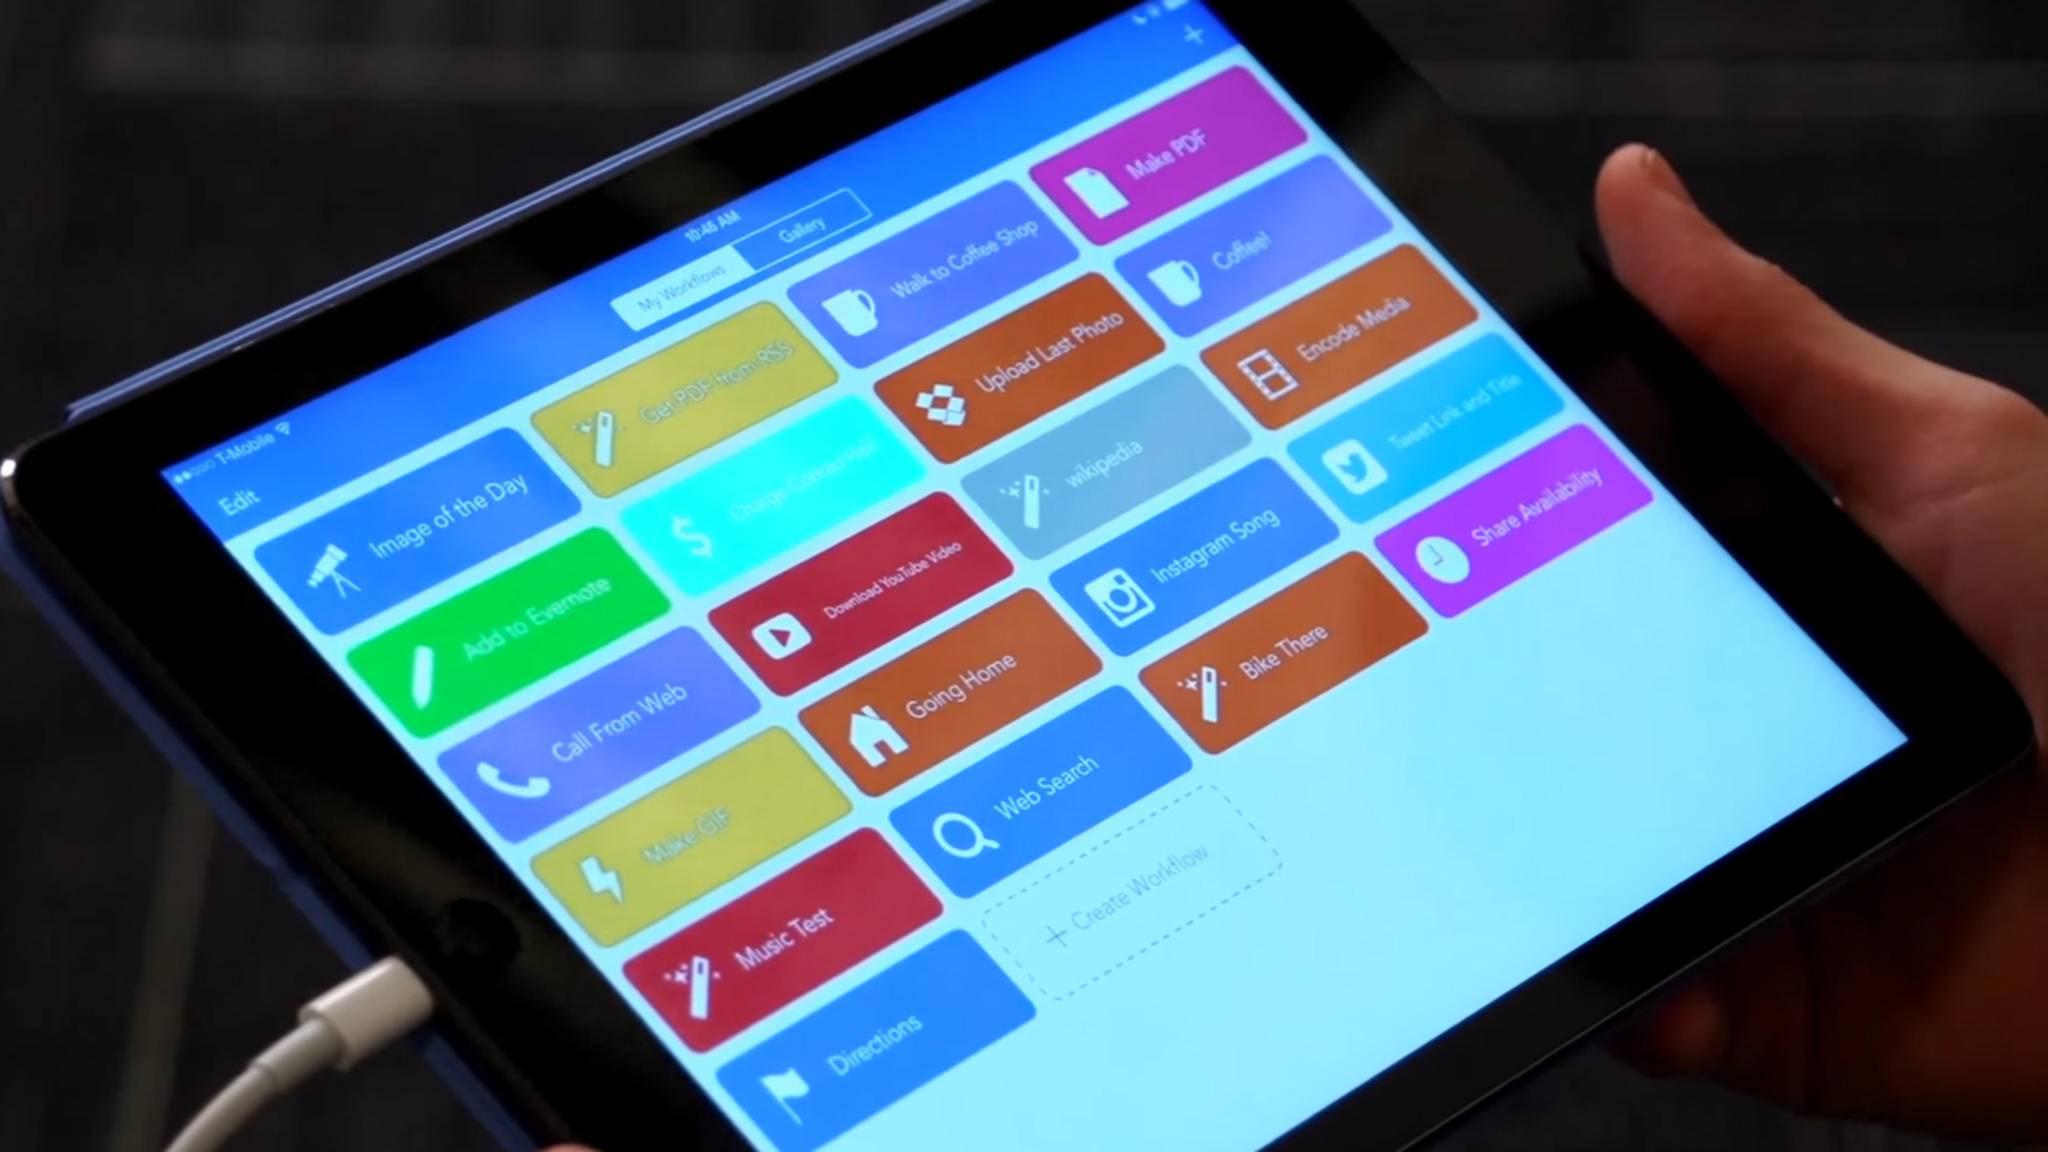 Apple hat die Automatisierungs-App Workflow für iPhones und iPads gekauft.